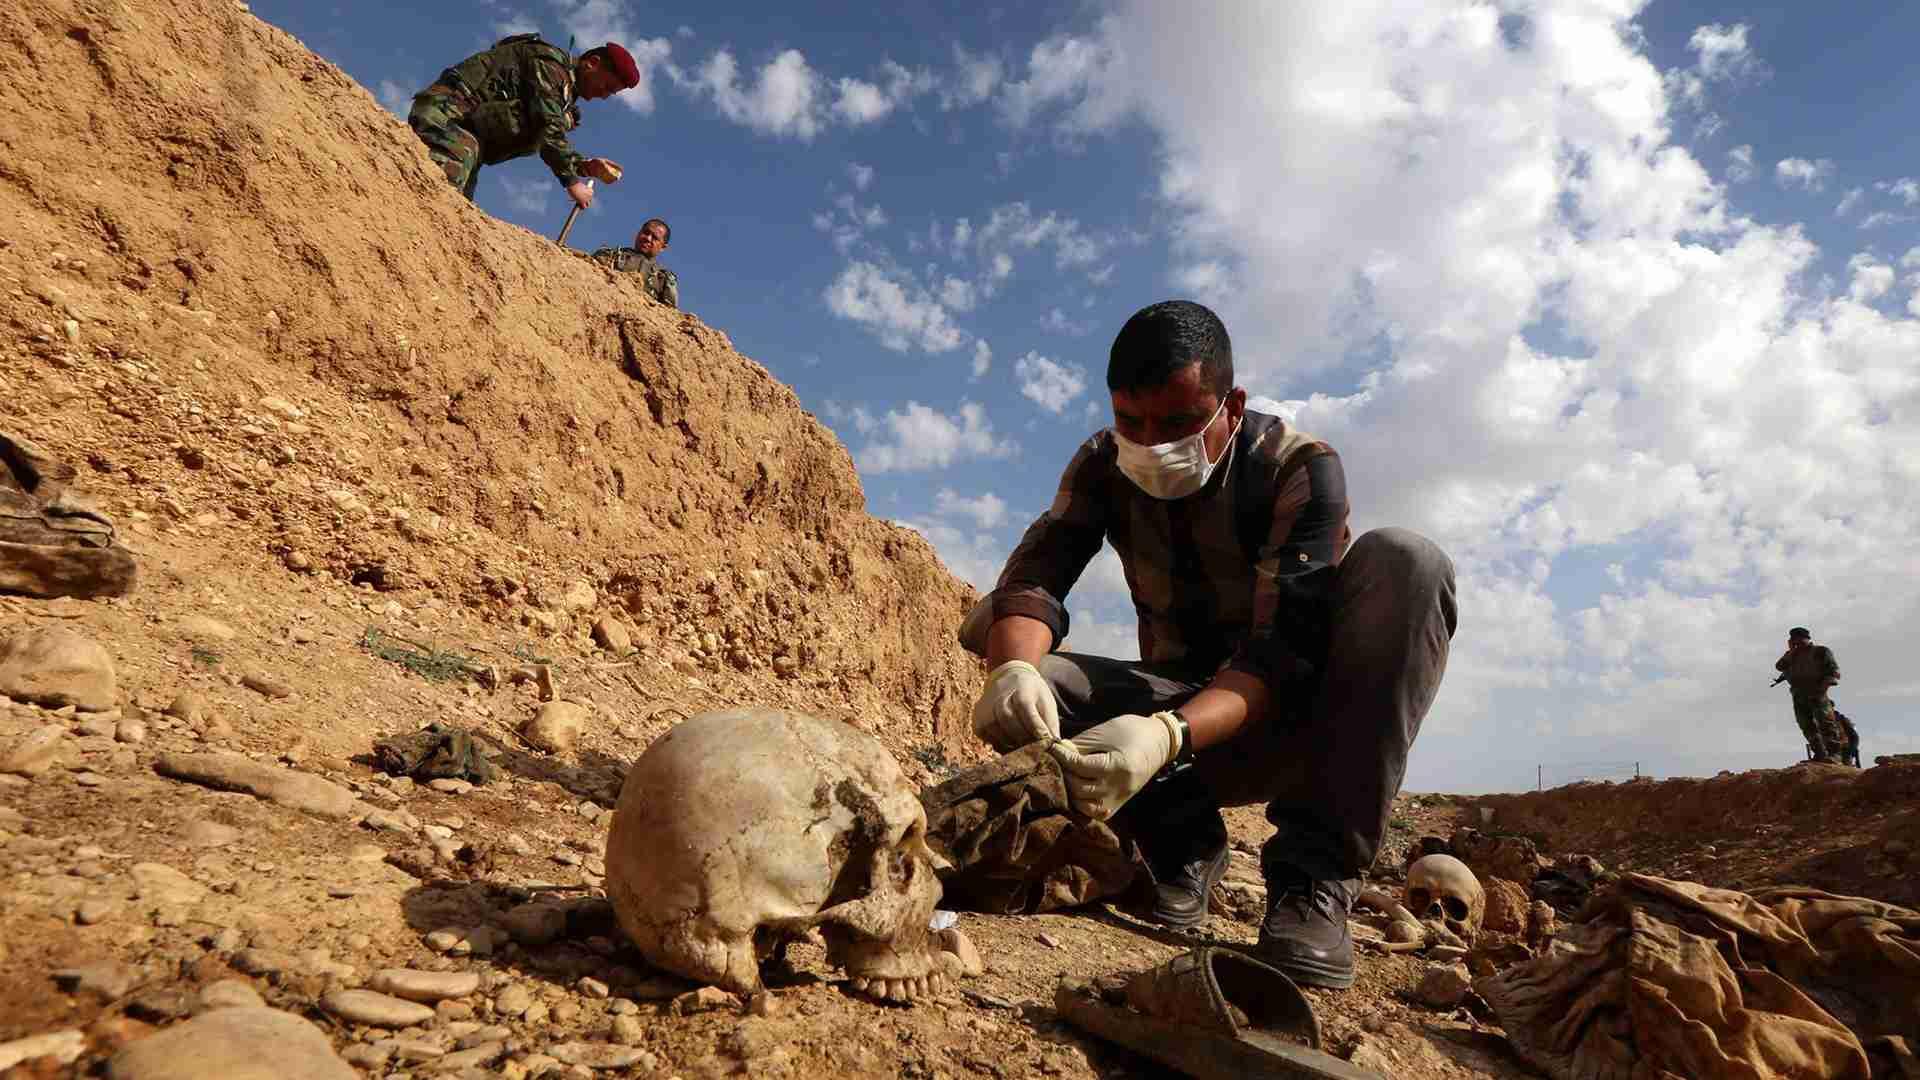 ВИраке отыскали массовое захоронение 400 жертв боевиковИГ